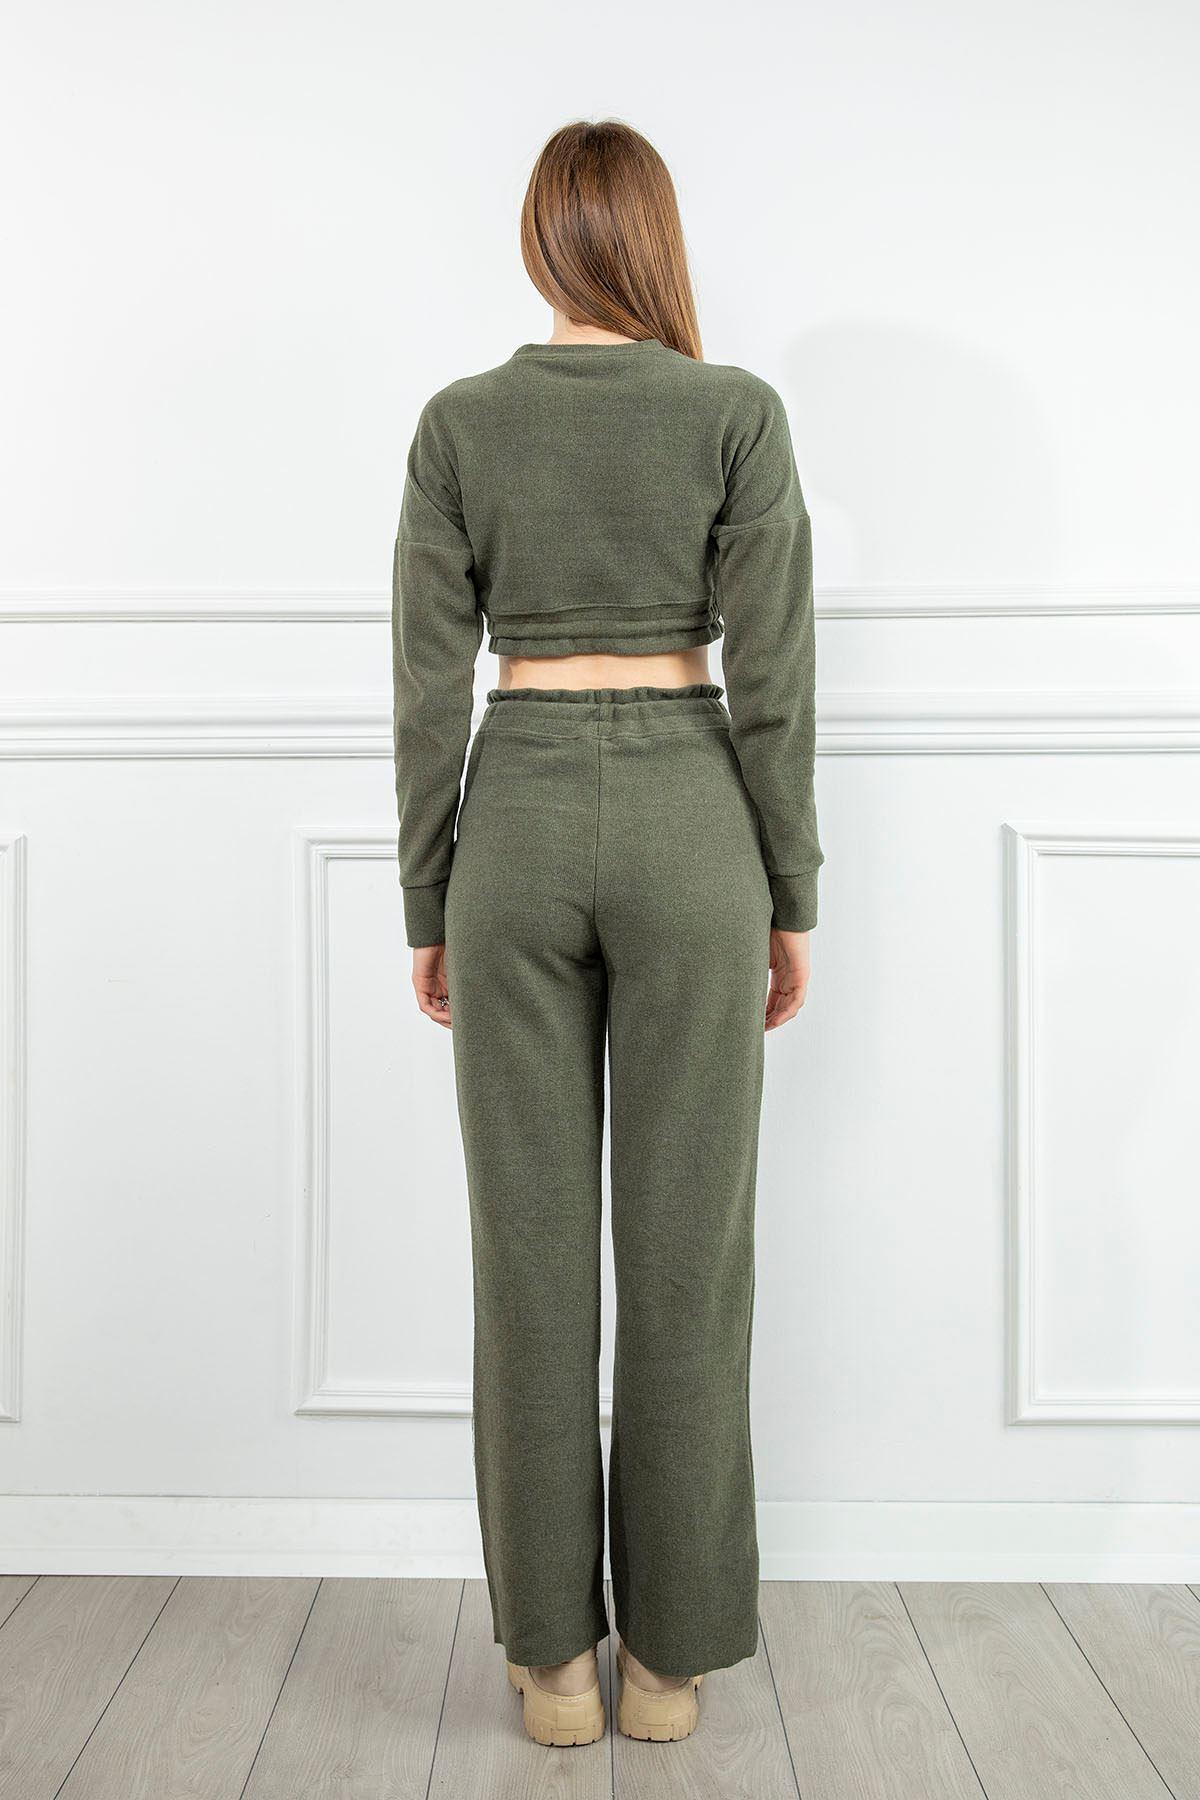 Beli Lastlikli Pantolon Takım-Haki